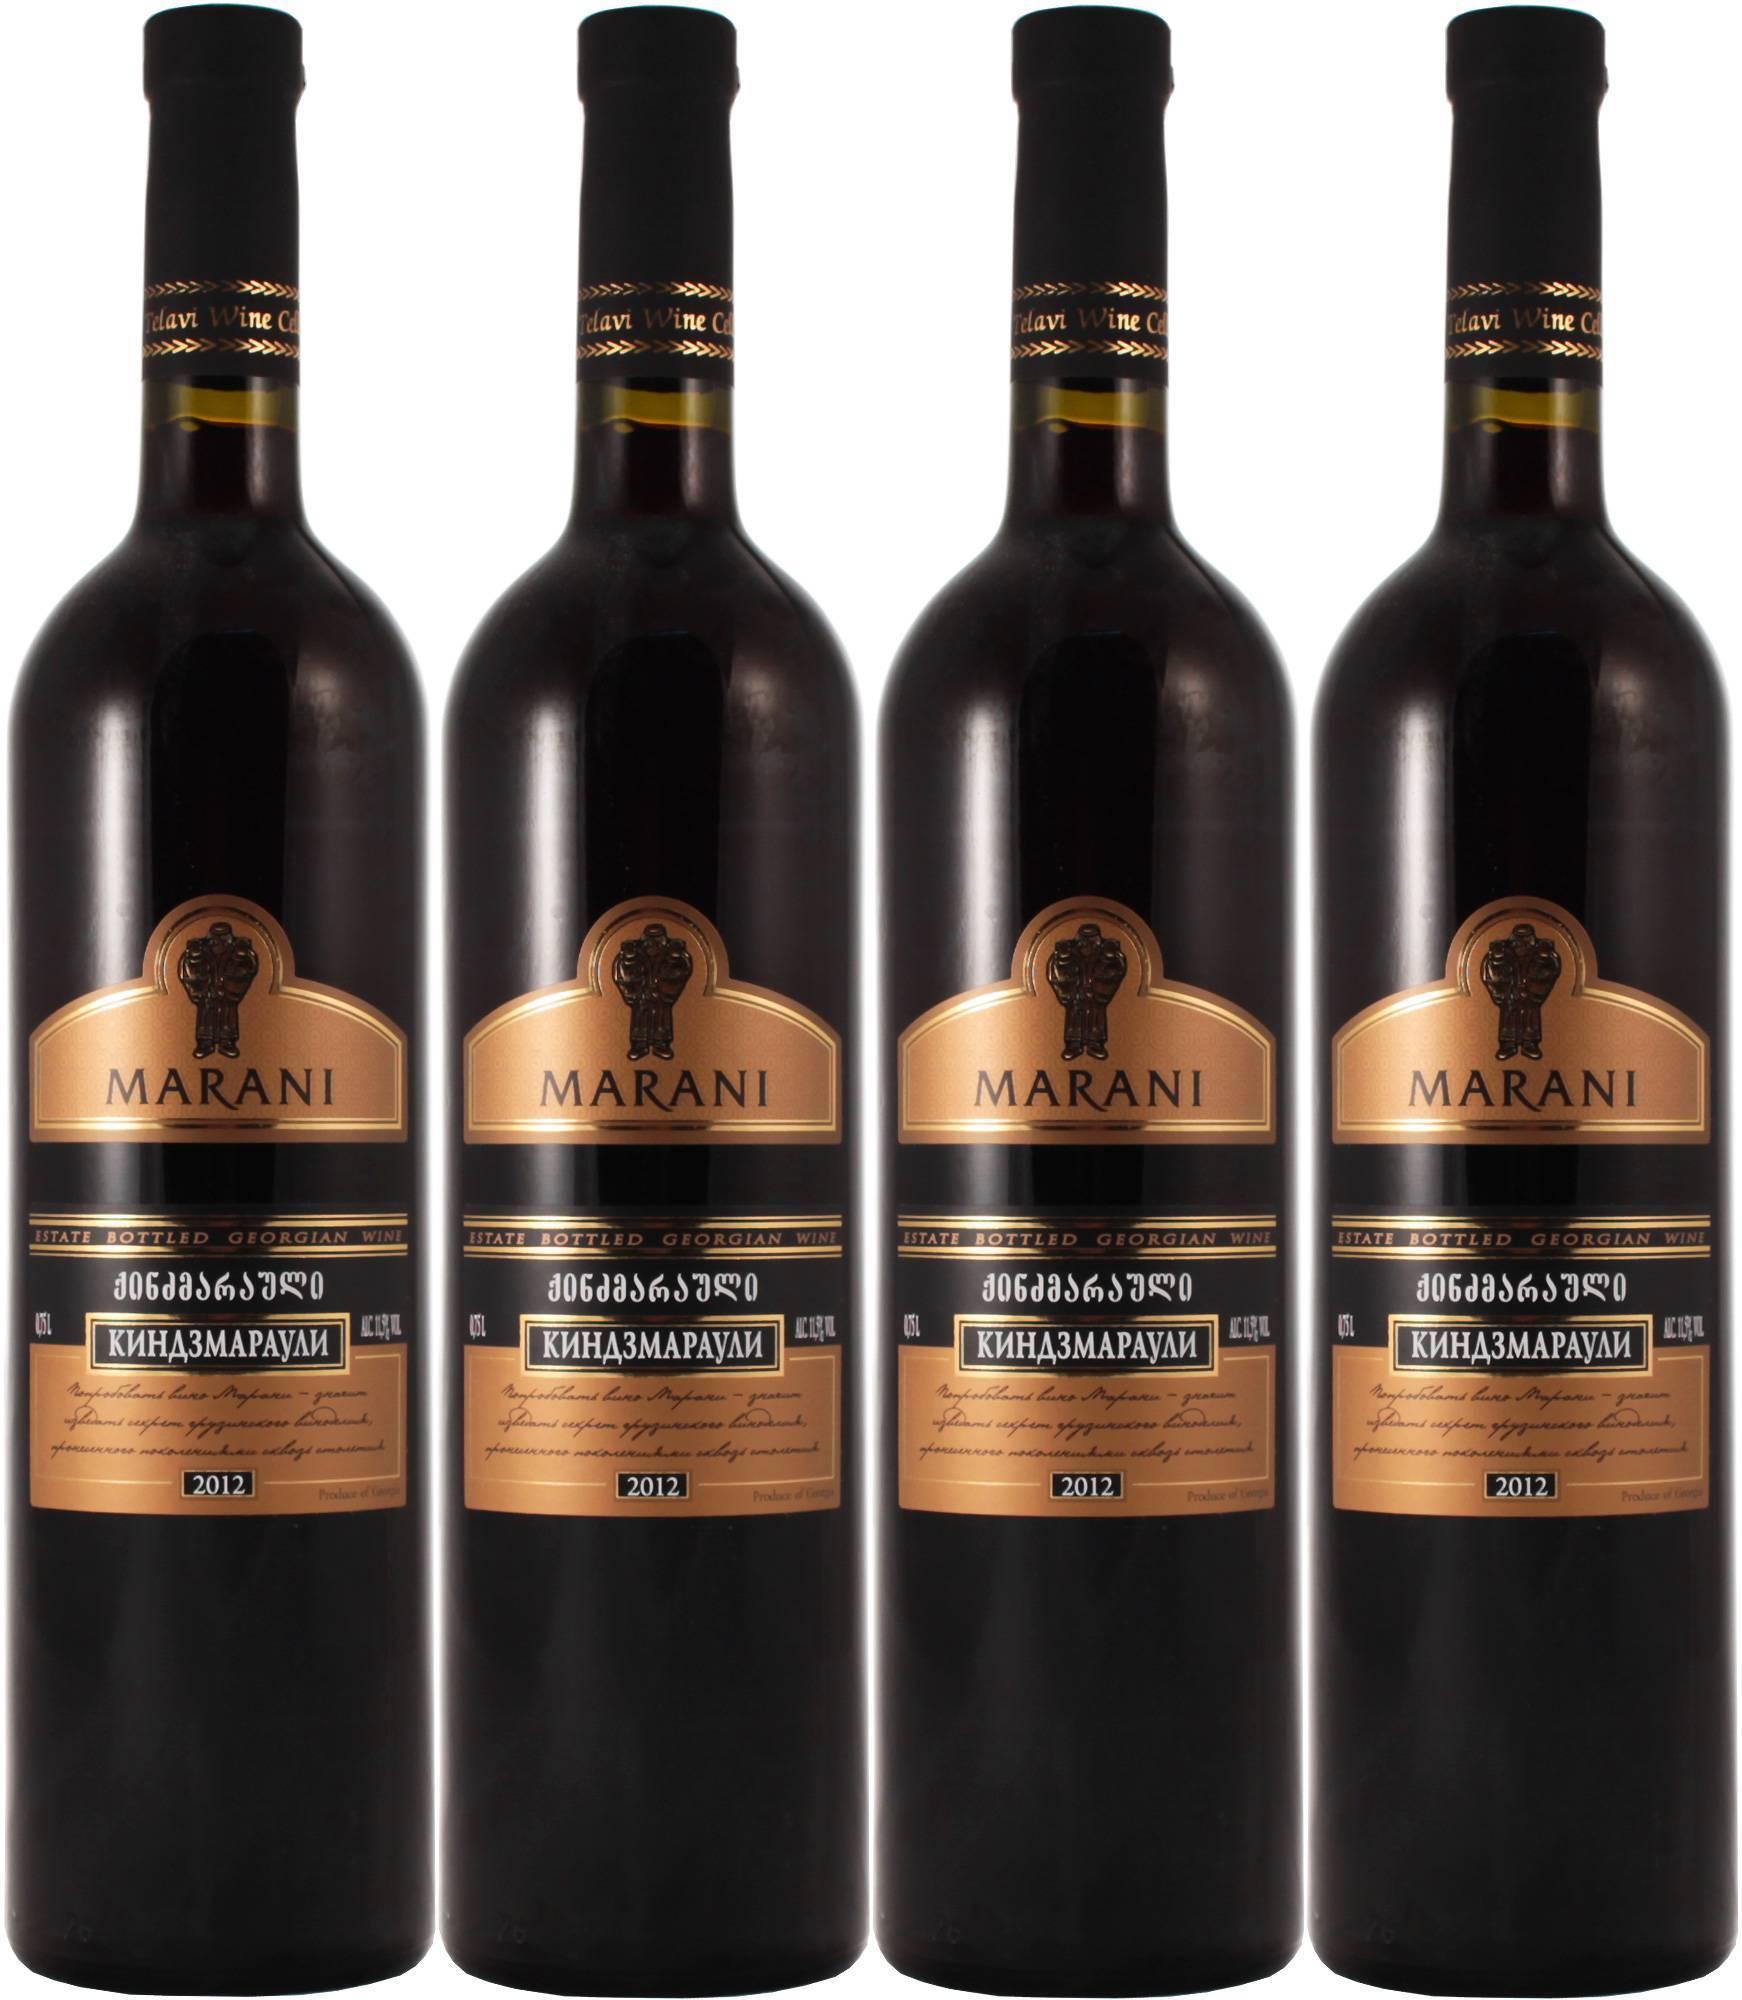 Как отличить настоящее вино киндзмараули от подделки?